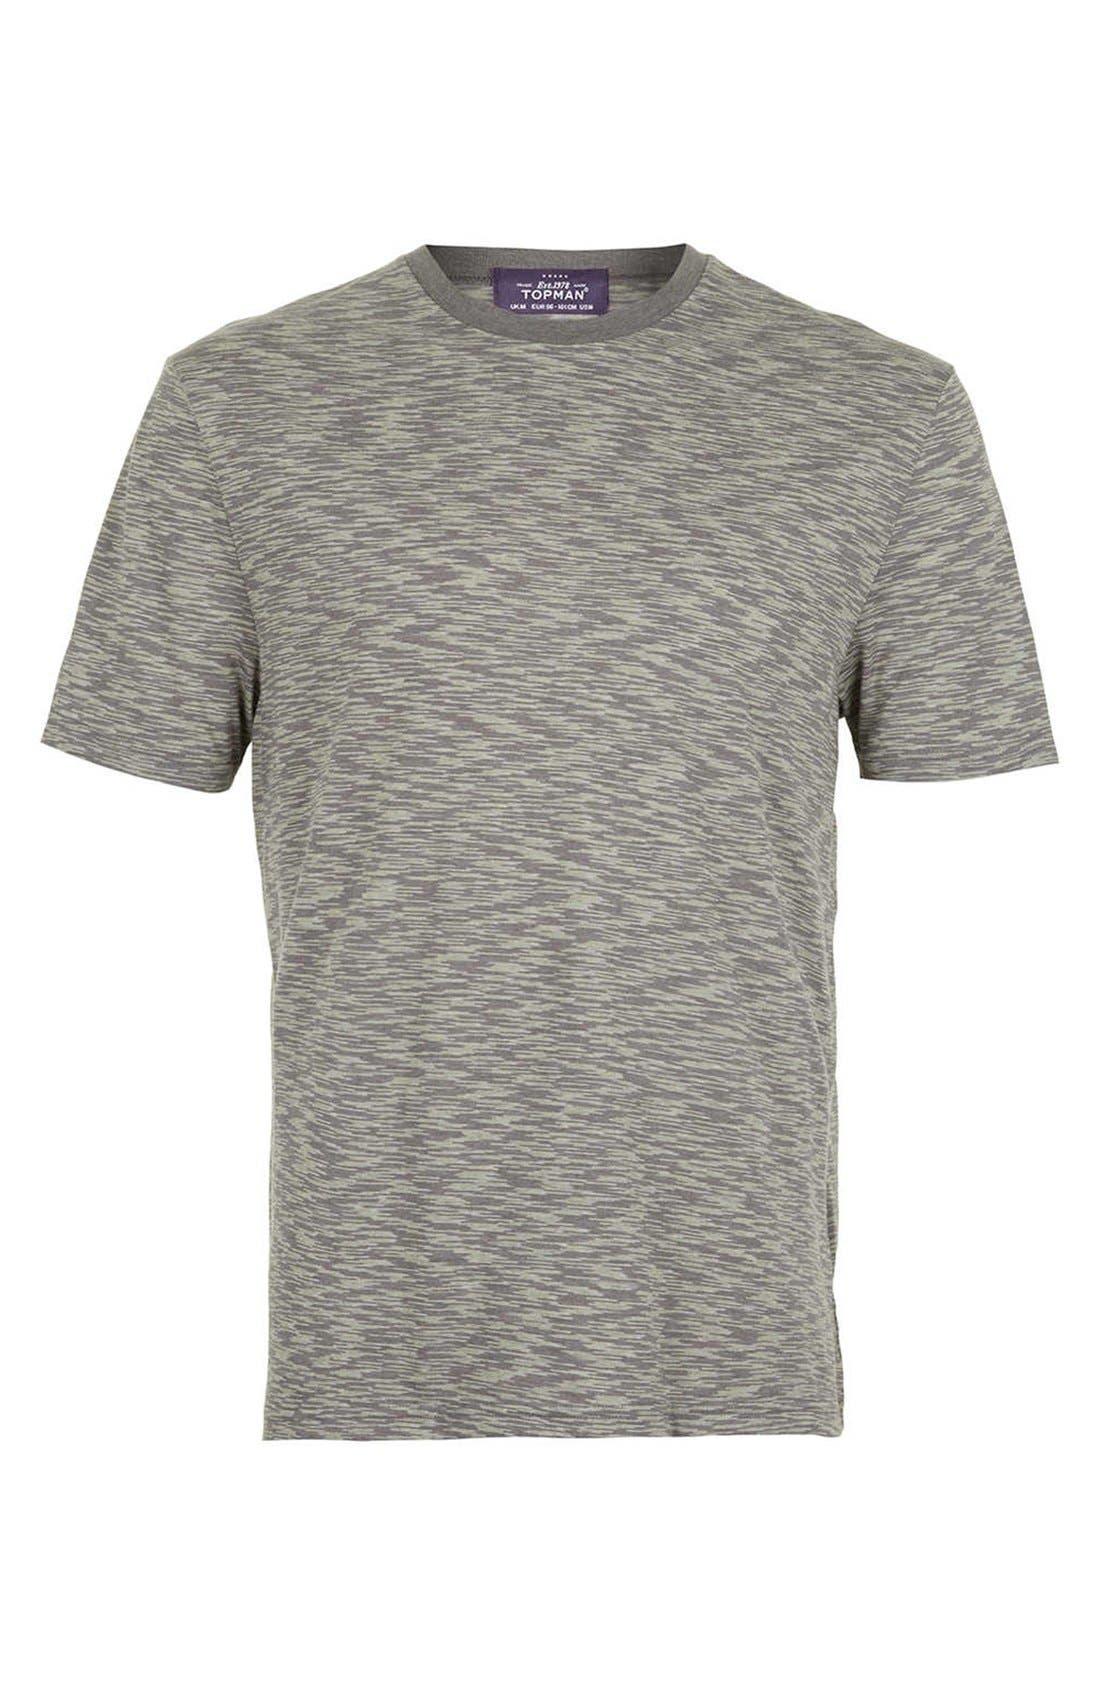 Main Image - Topman Space Dye T-Shirt